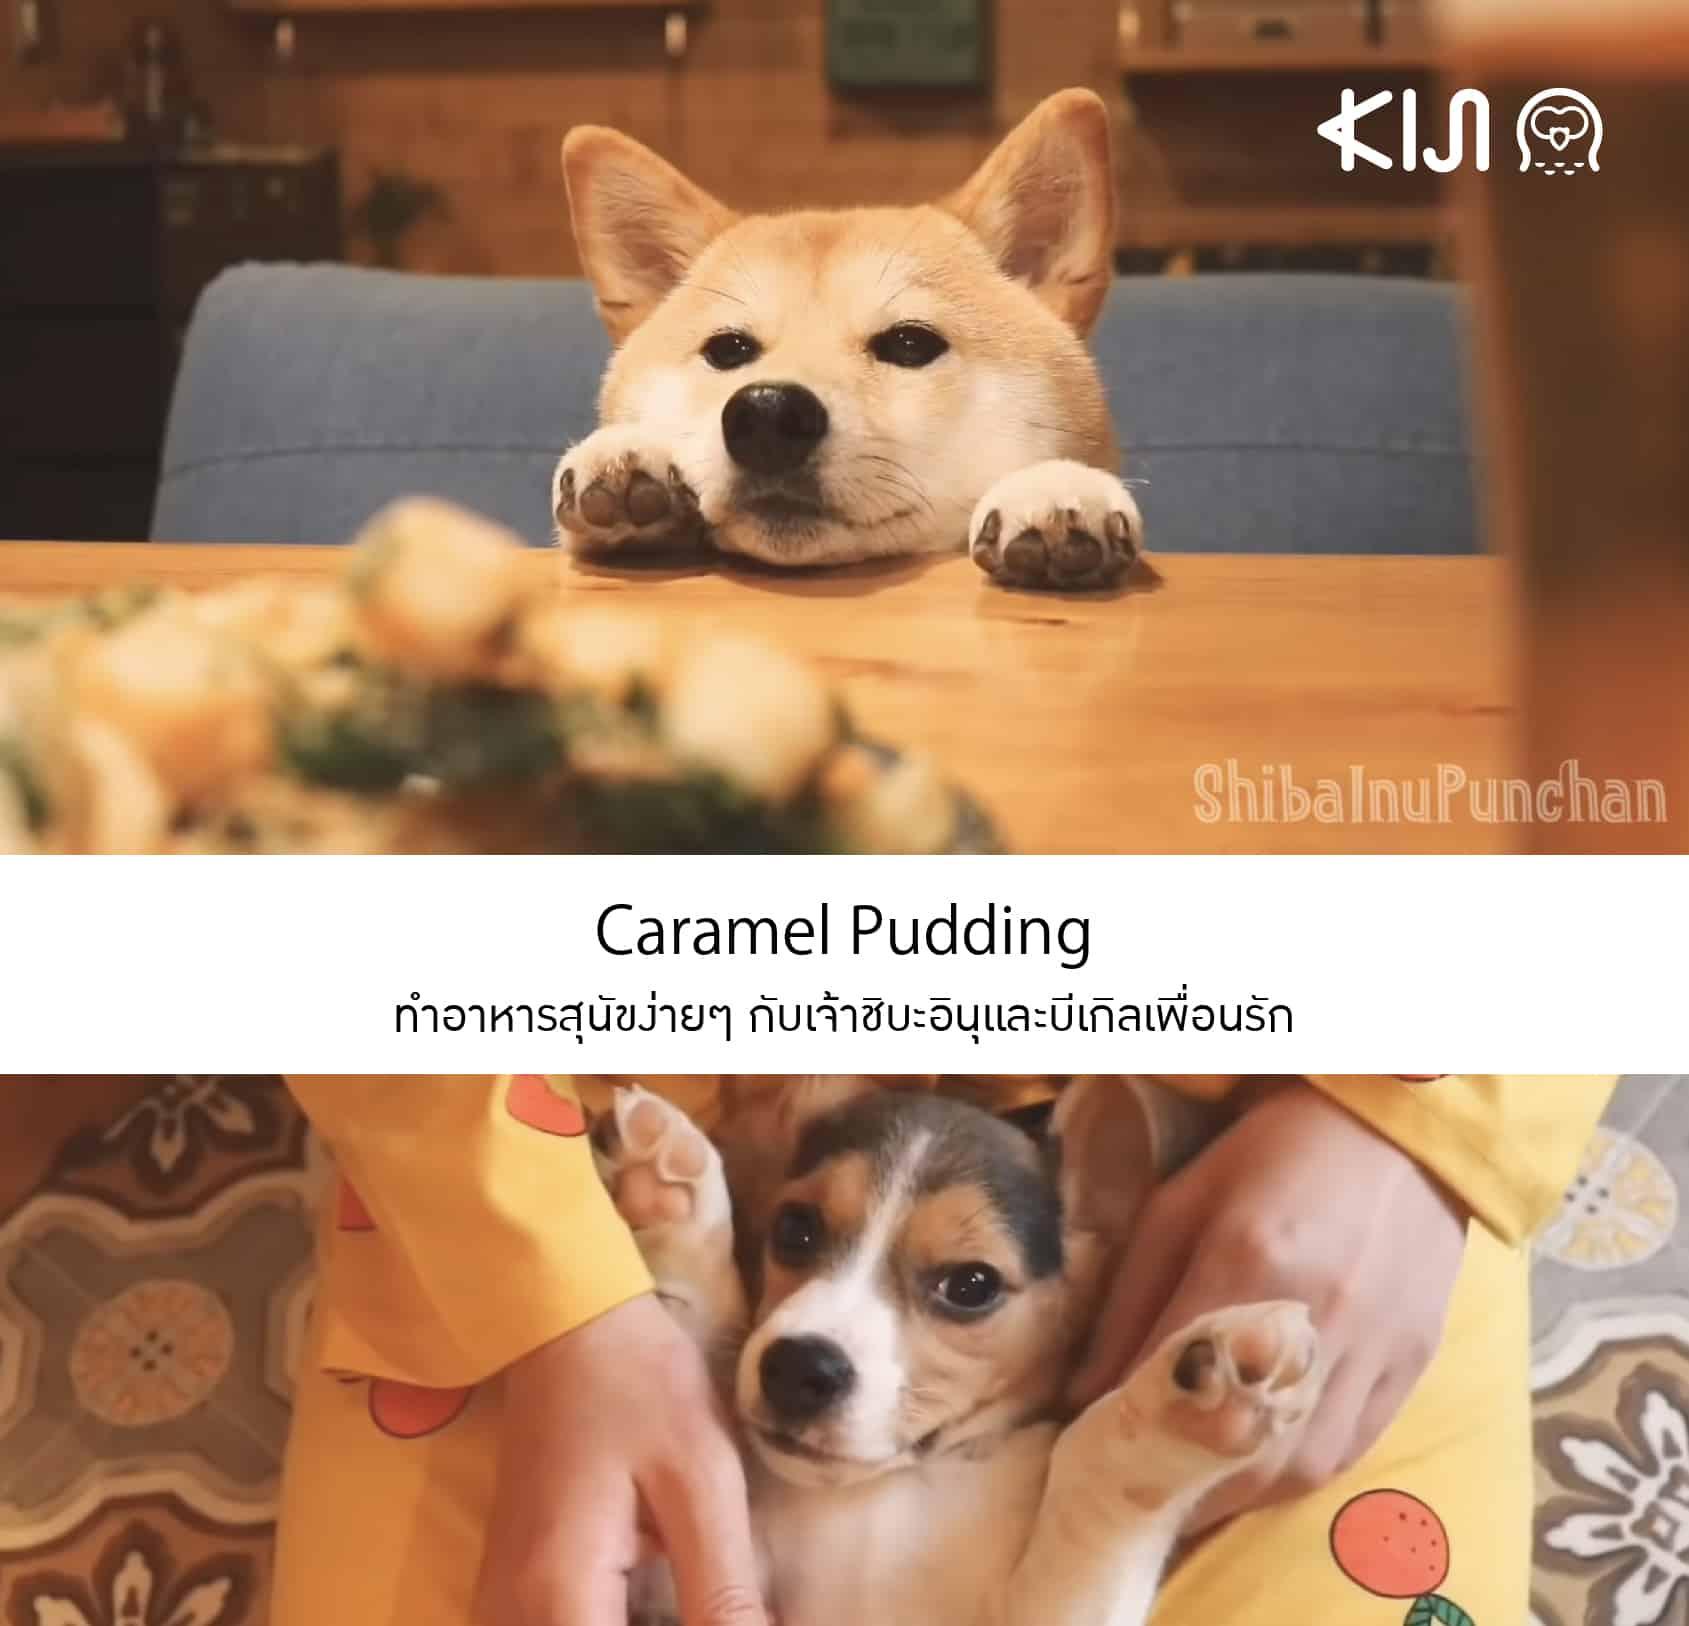 Caramel Pudding ยูทูปเบอร์ญี่ปุุ่น ที่มีความสุขกับการทำอาหารสุนัขง่ายๆ ให้เจ้าชิบะอินุและบีเกิลเพื่อนรัก